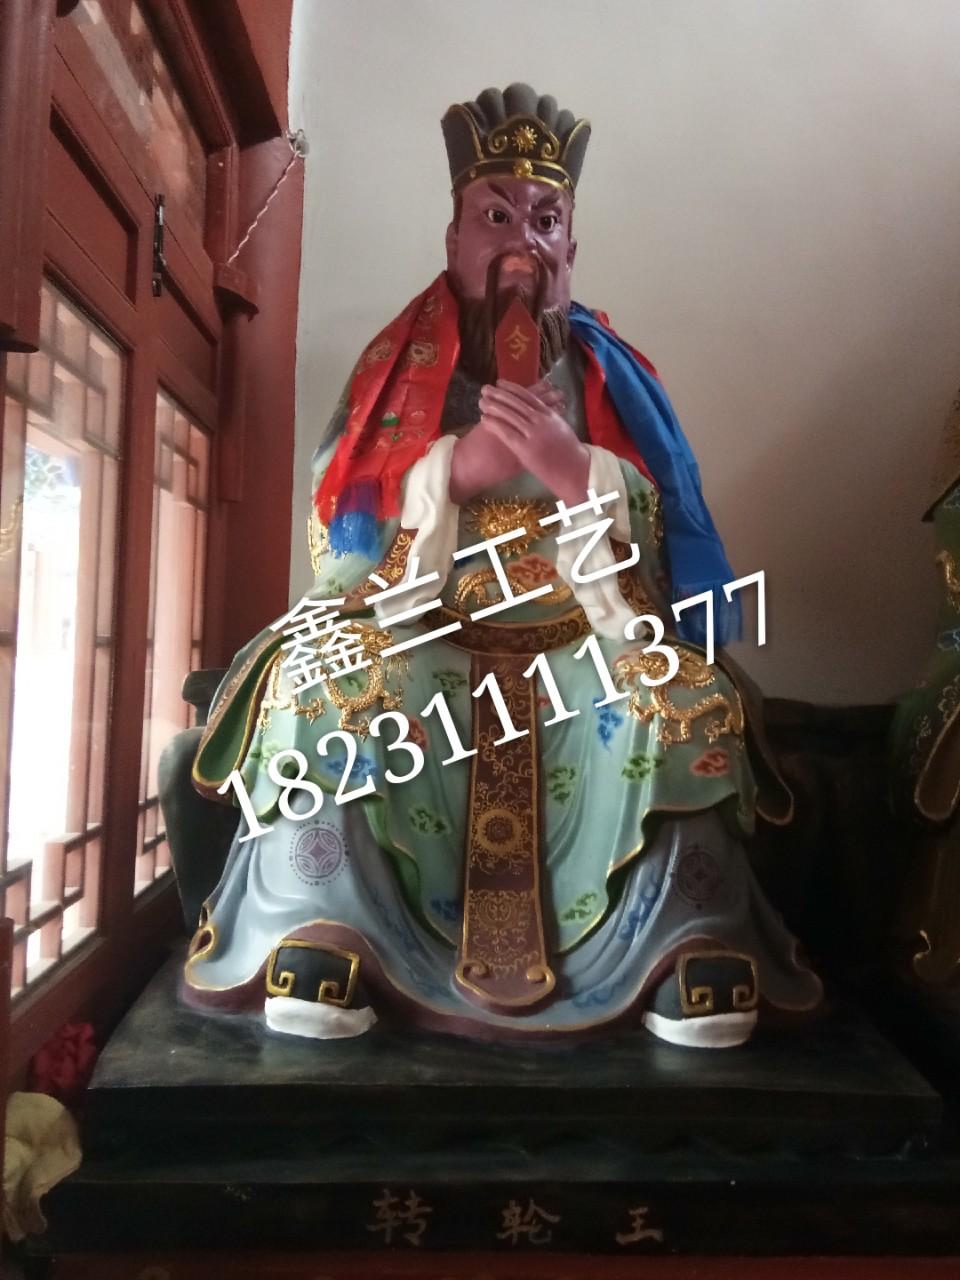 铸铜转轮王的前世今生、金轮圣王、银轮圣王、铜轮圣王、铁轮圣王